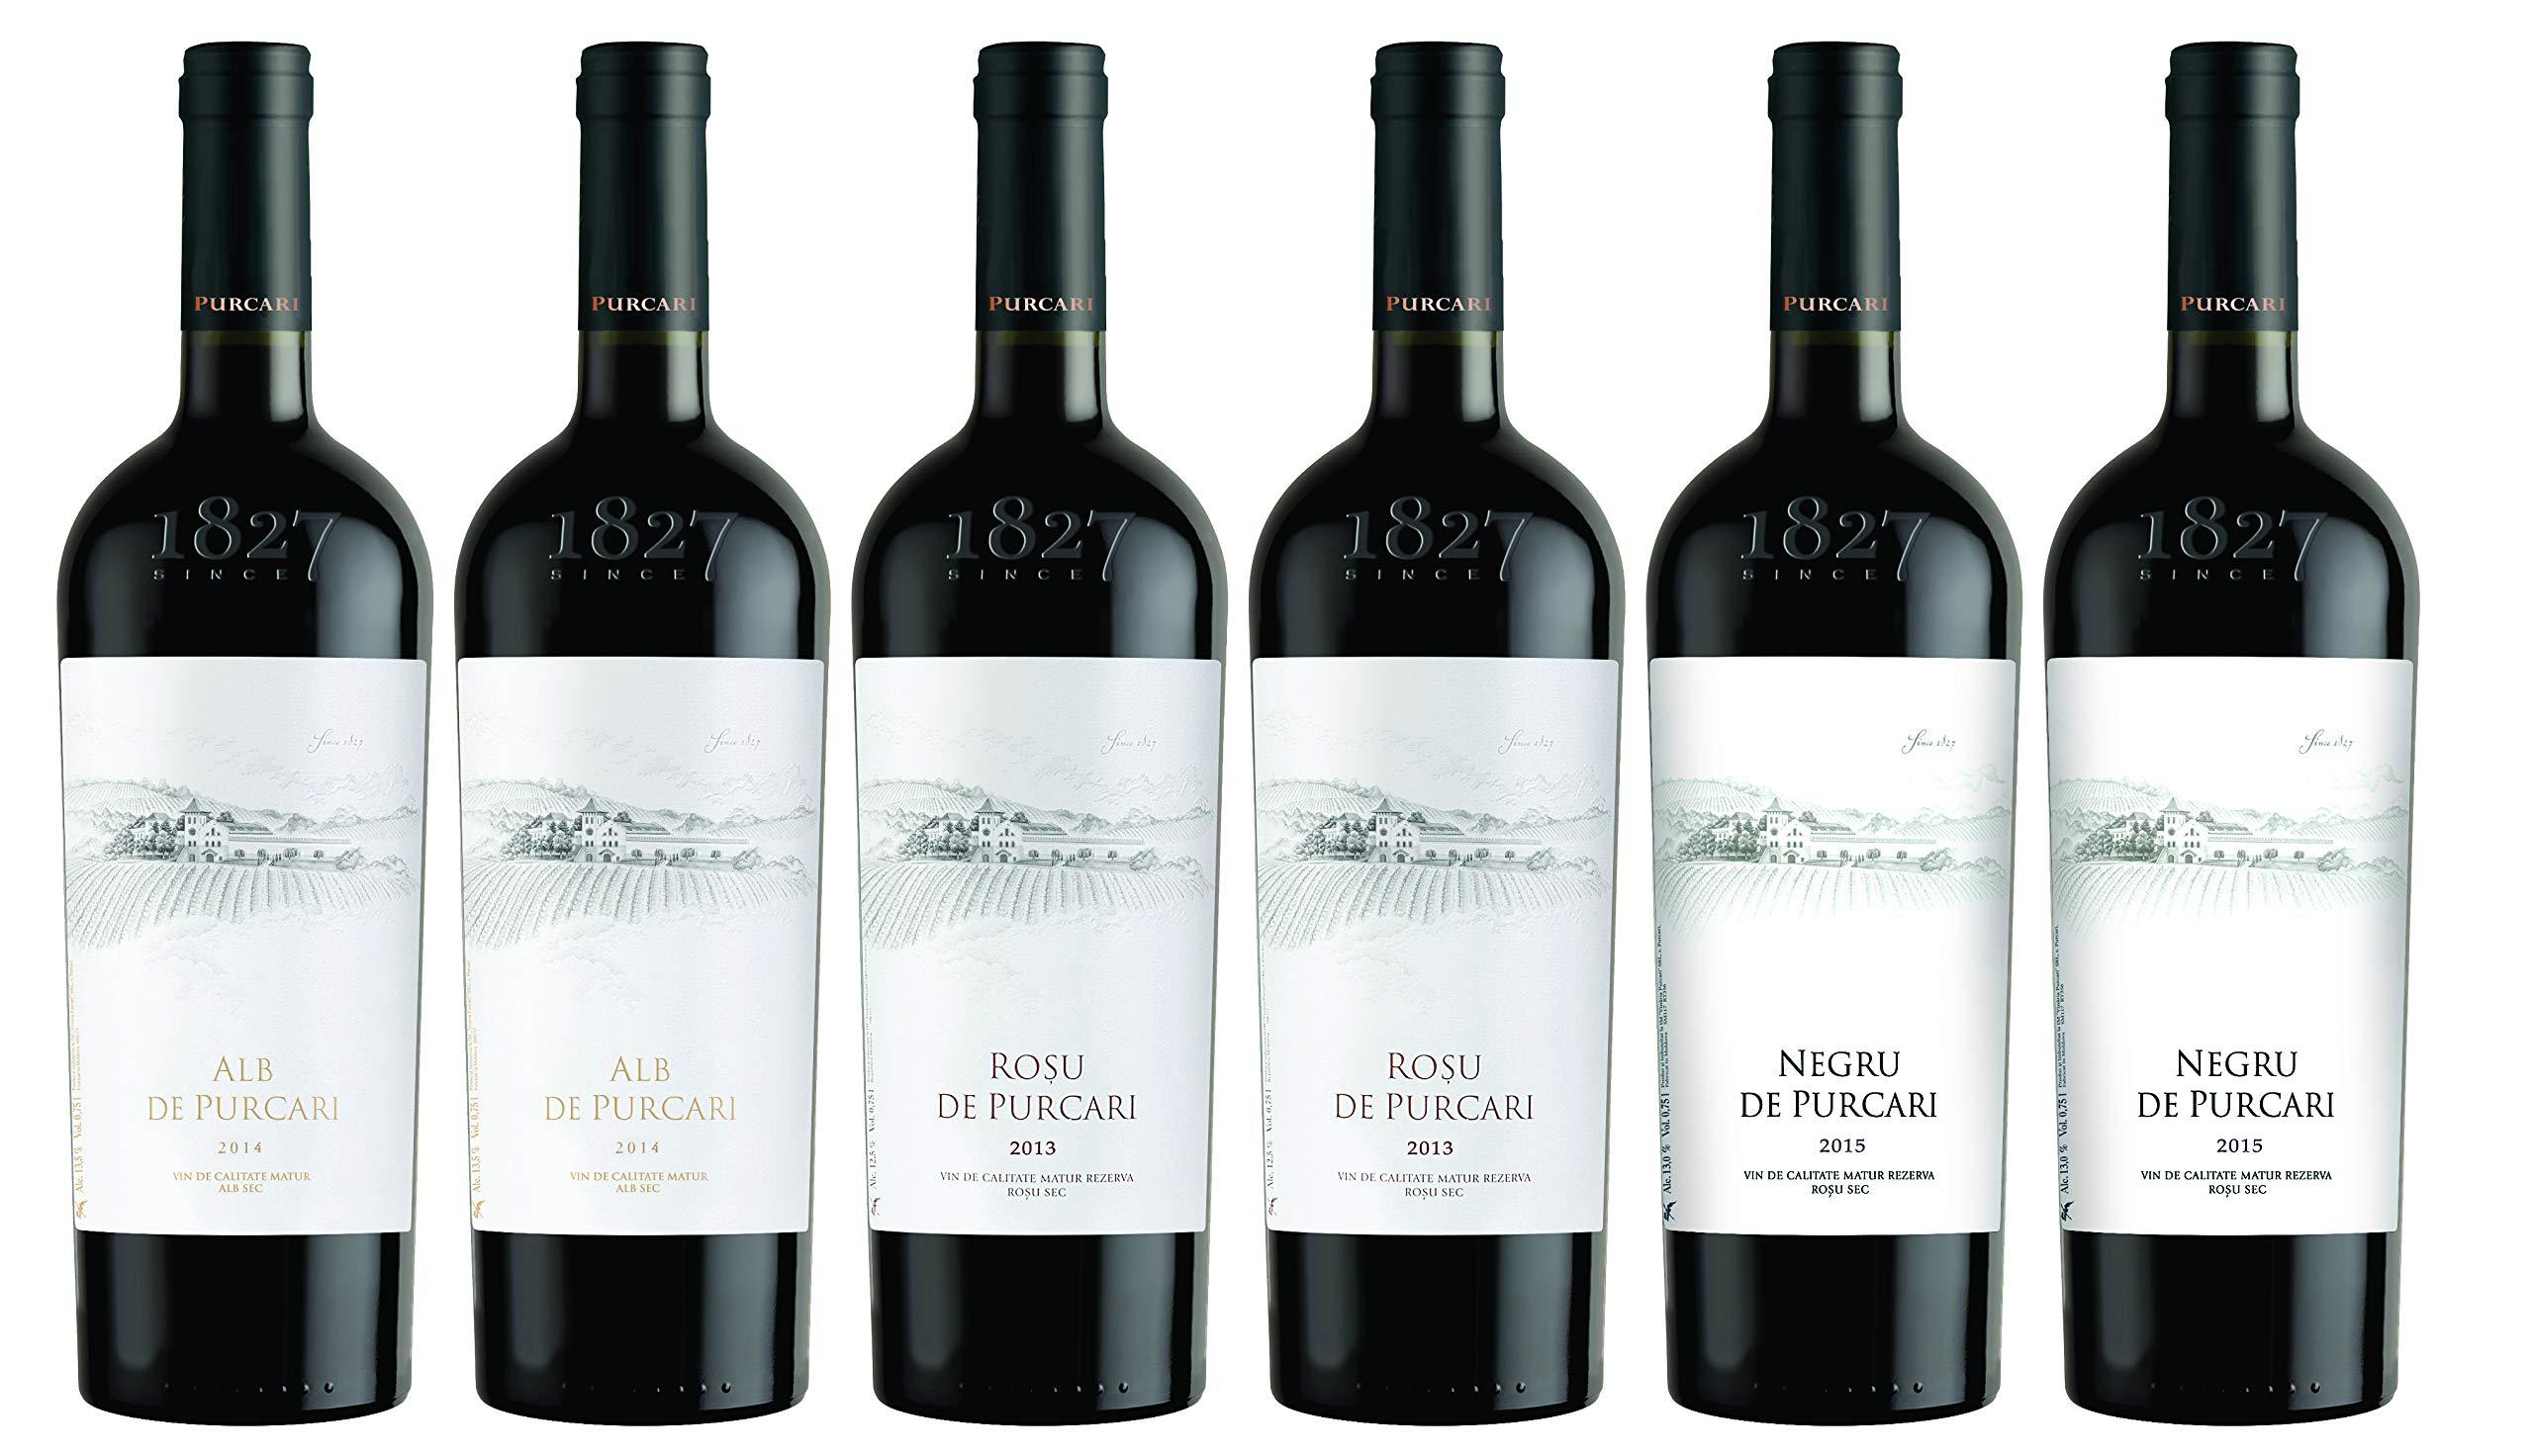 Chateau-Purcari-Weinpaket-Purcari-Vintage–verschiedene-moldawische-Qualittsweine-6-x-075-L